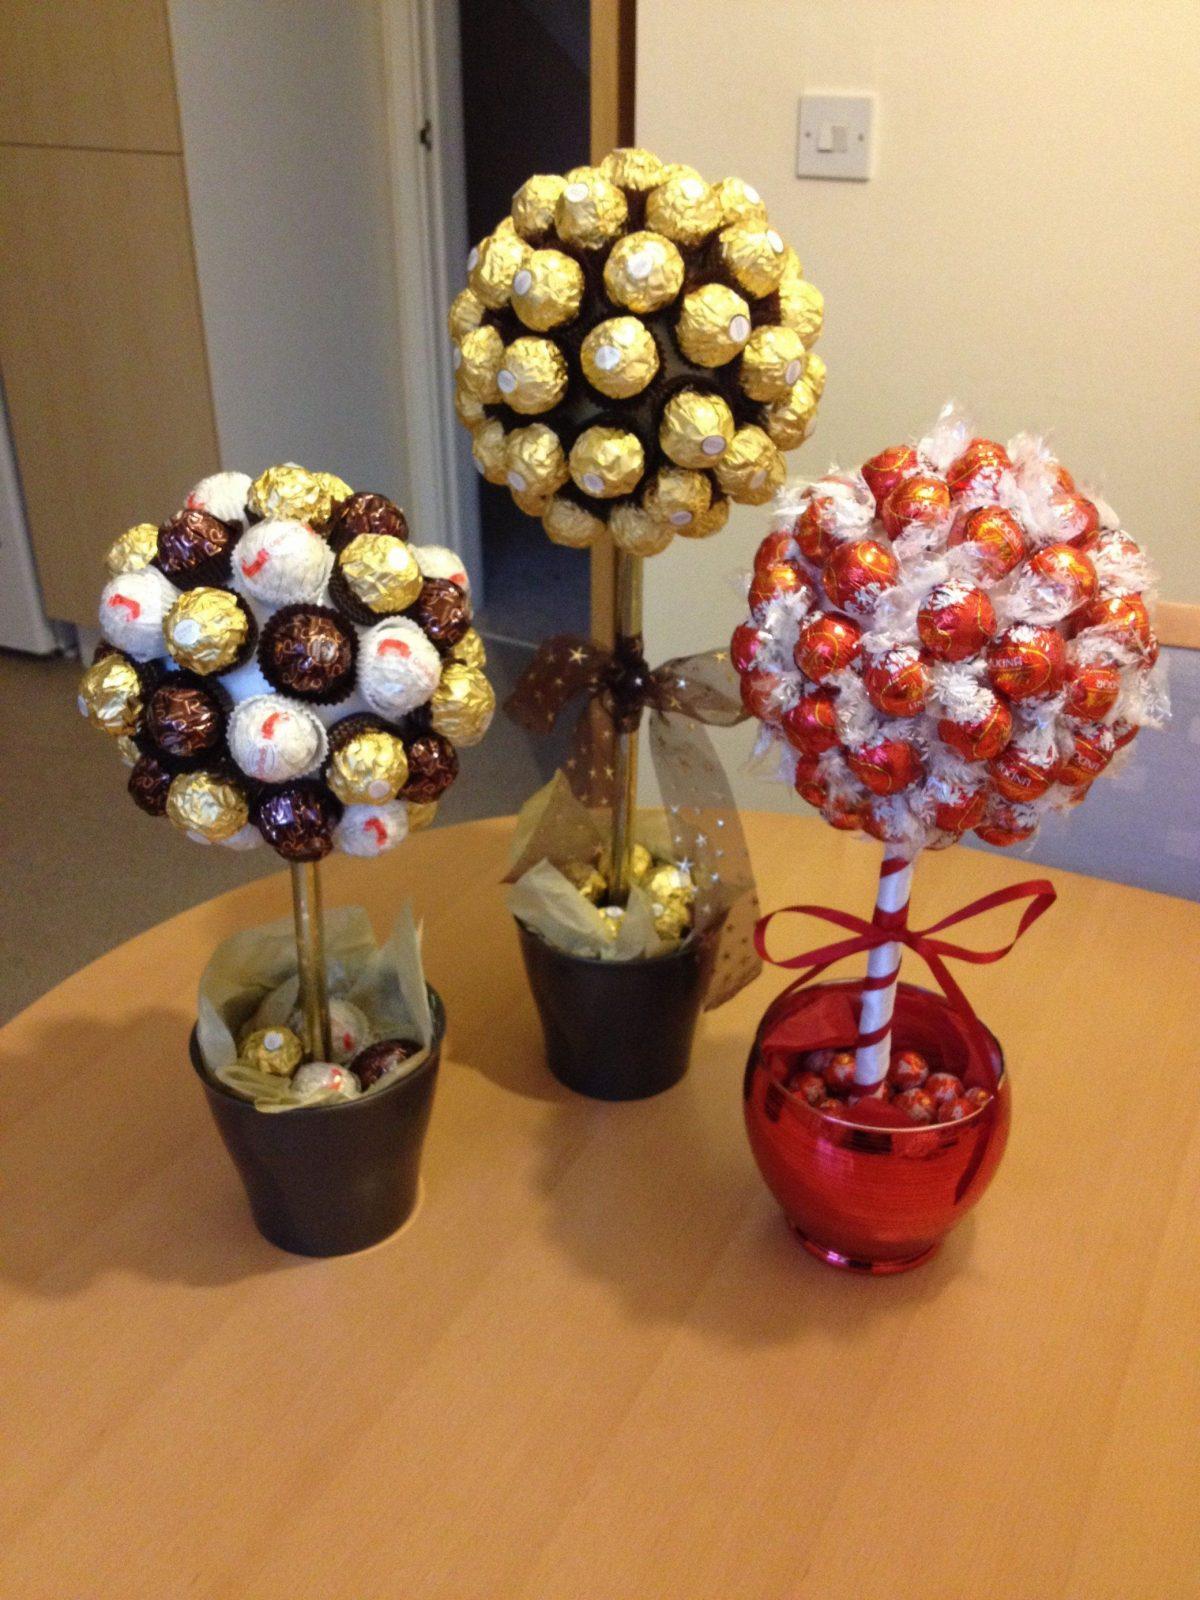 Süße Naschbäume Mit Ferrero Rocher And Lindor Schokolade  Geschenke von Ferrero Rocher Baum Anleitung Bild